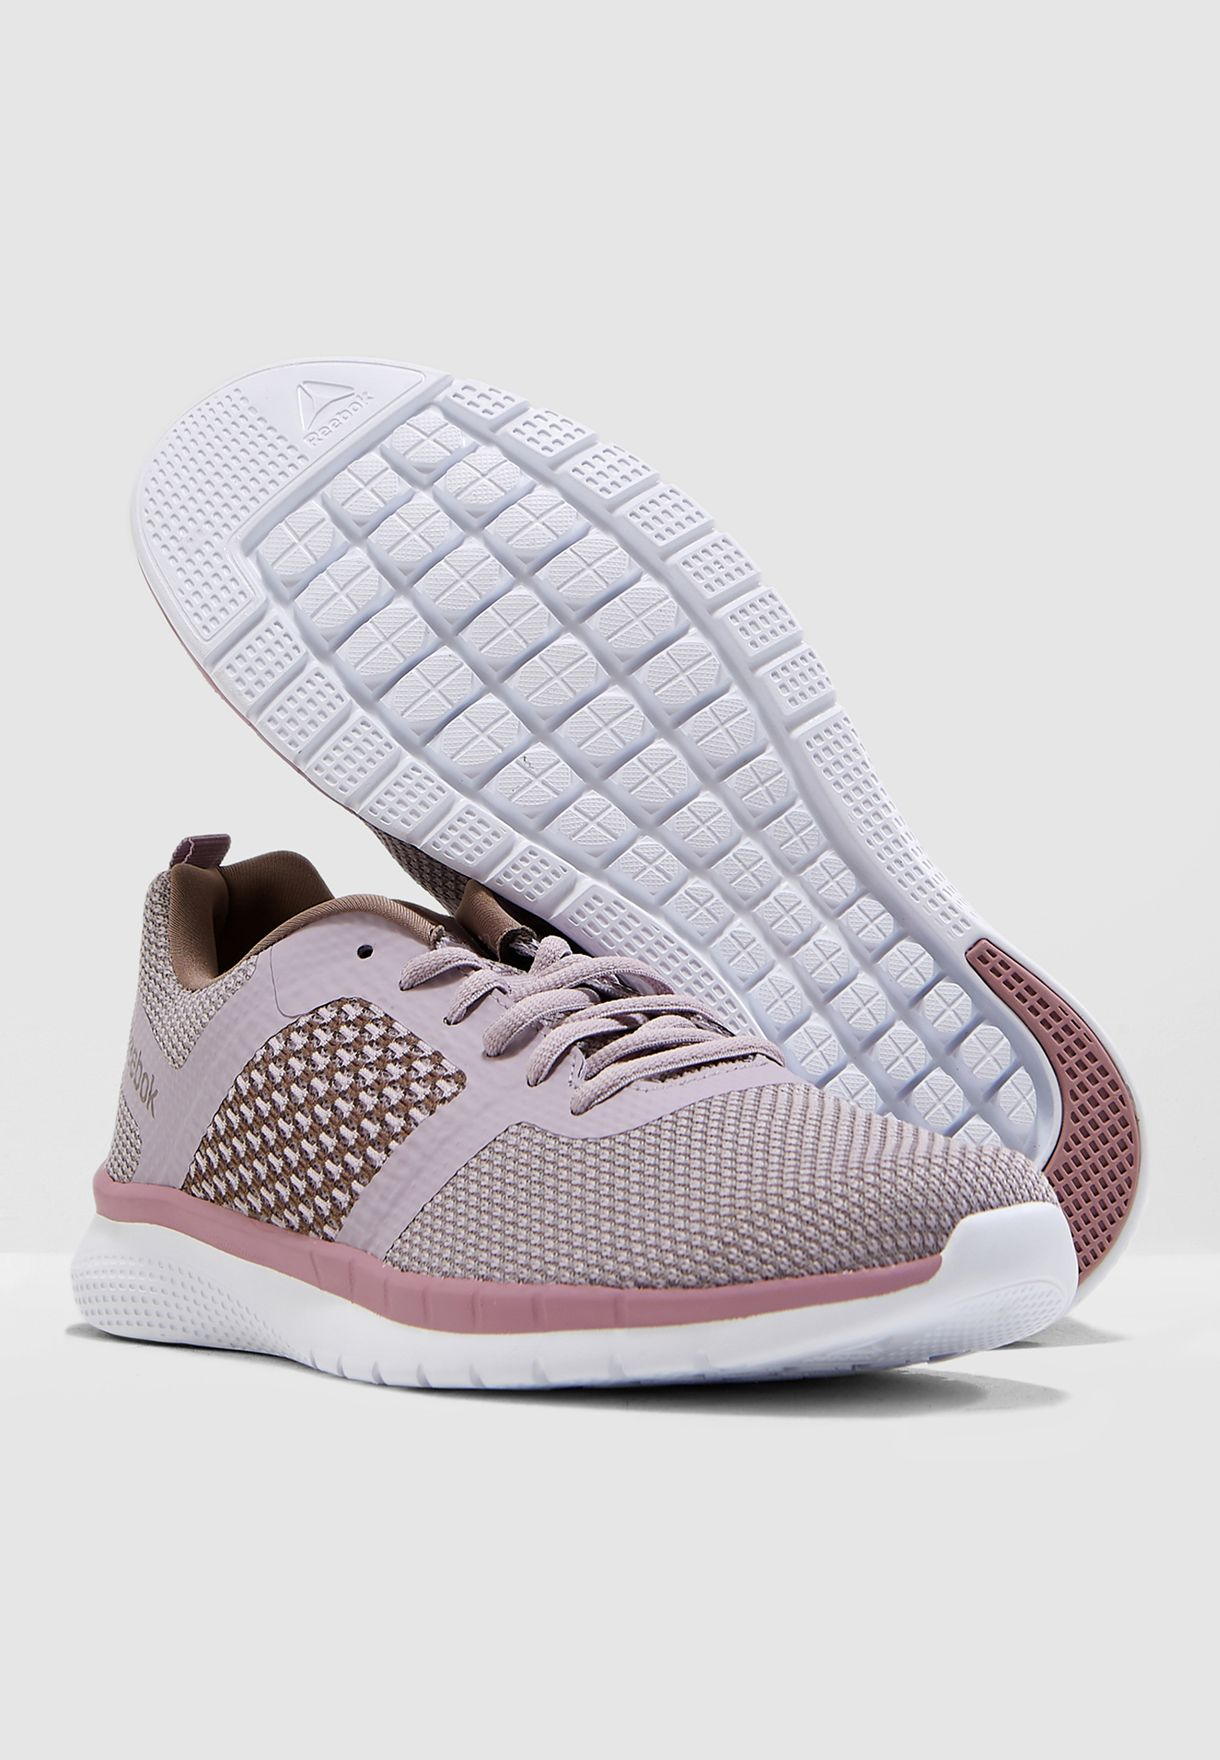 6185e3464 تسوق حذاء بي تي برايم رانر اف سي ماركة ريبوك لون أرجواني CN5680 في ...